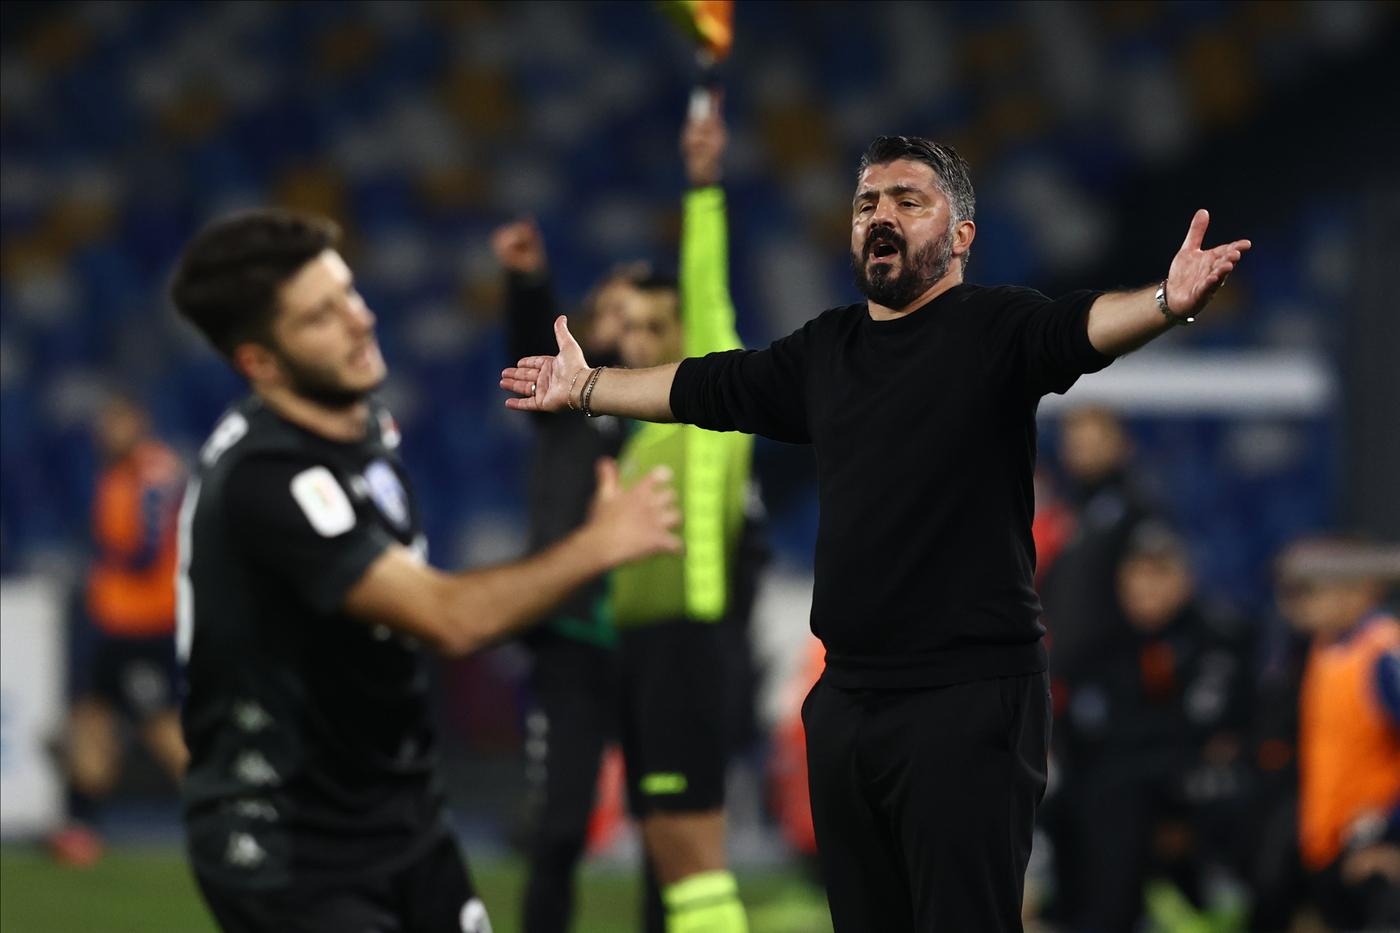 Gennaro Gattuso allenatore Napoli. Napoli vs Empoli - Coppa Italia 2020/2021